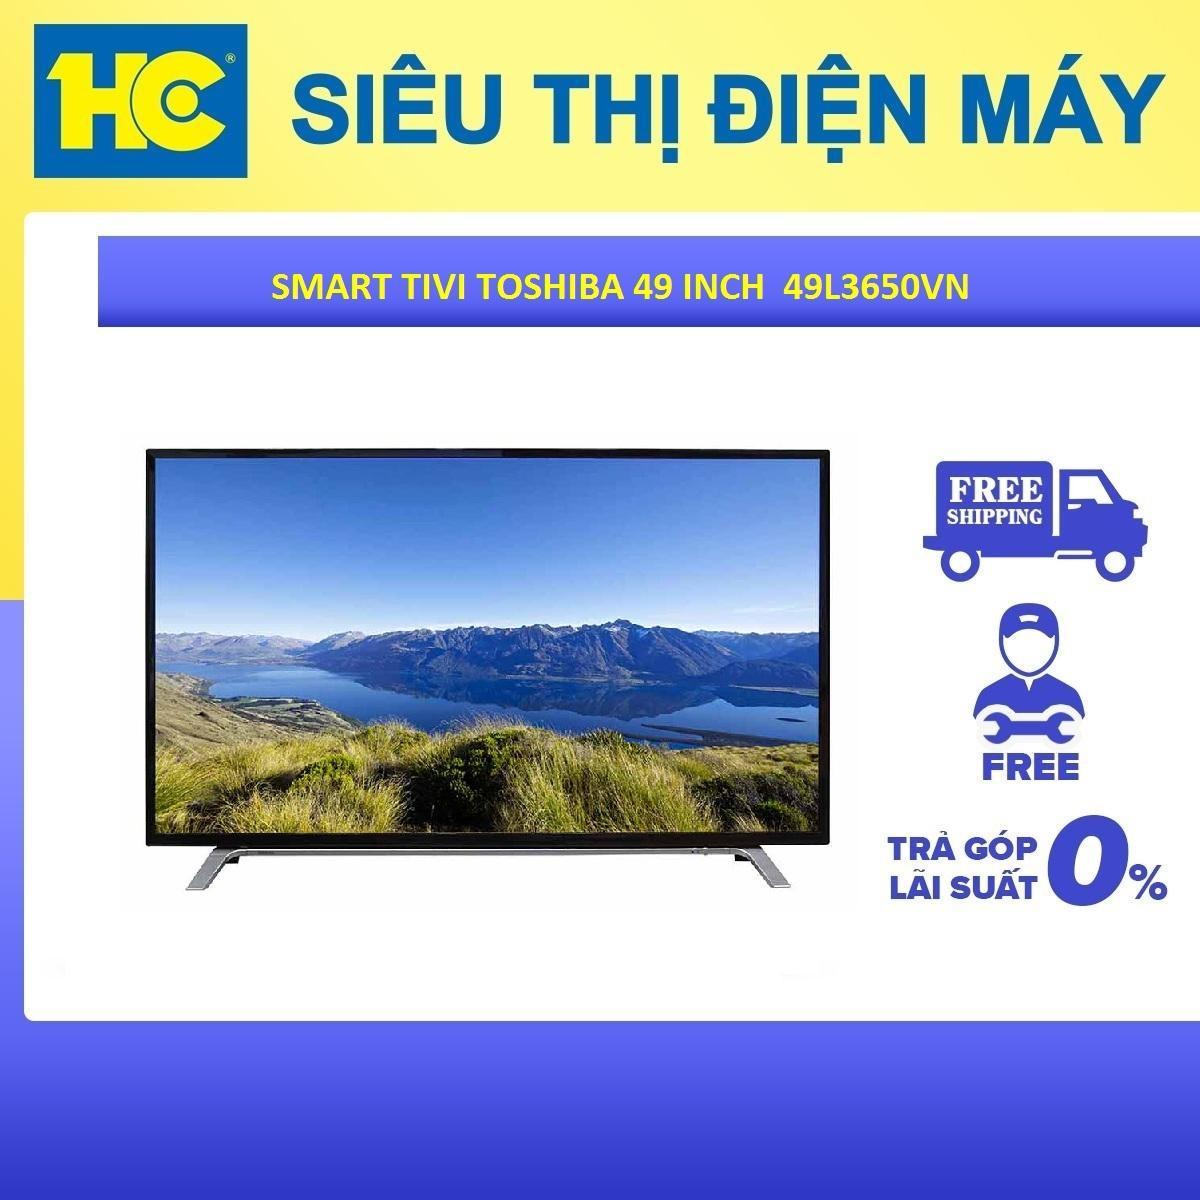 Bảng giá Tivi LED Toshiba 49inch Full HD – Model 49L3650VN (Đen)